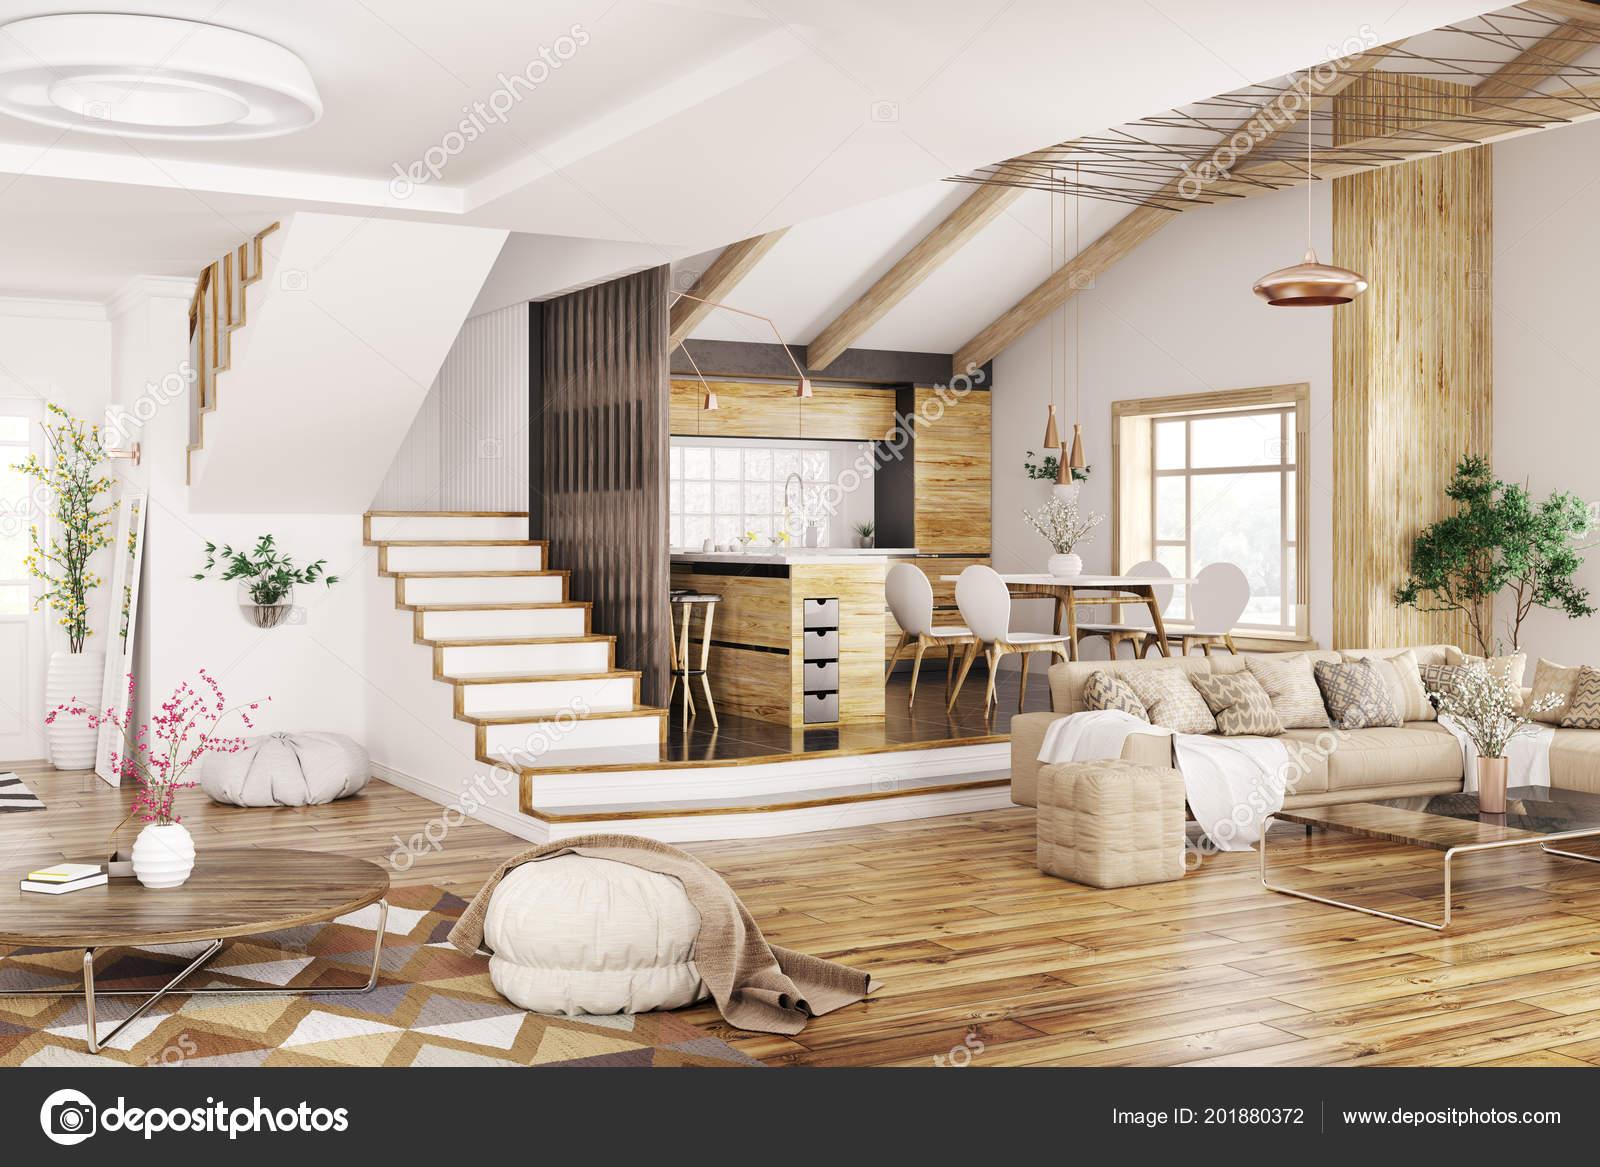 Modernes Design Für Haus Küche Wohnzimmer Mit Sofa Flur Treppenhaus ...